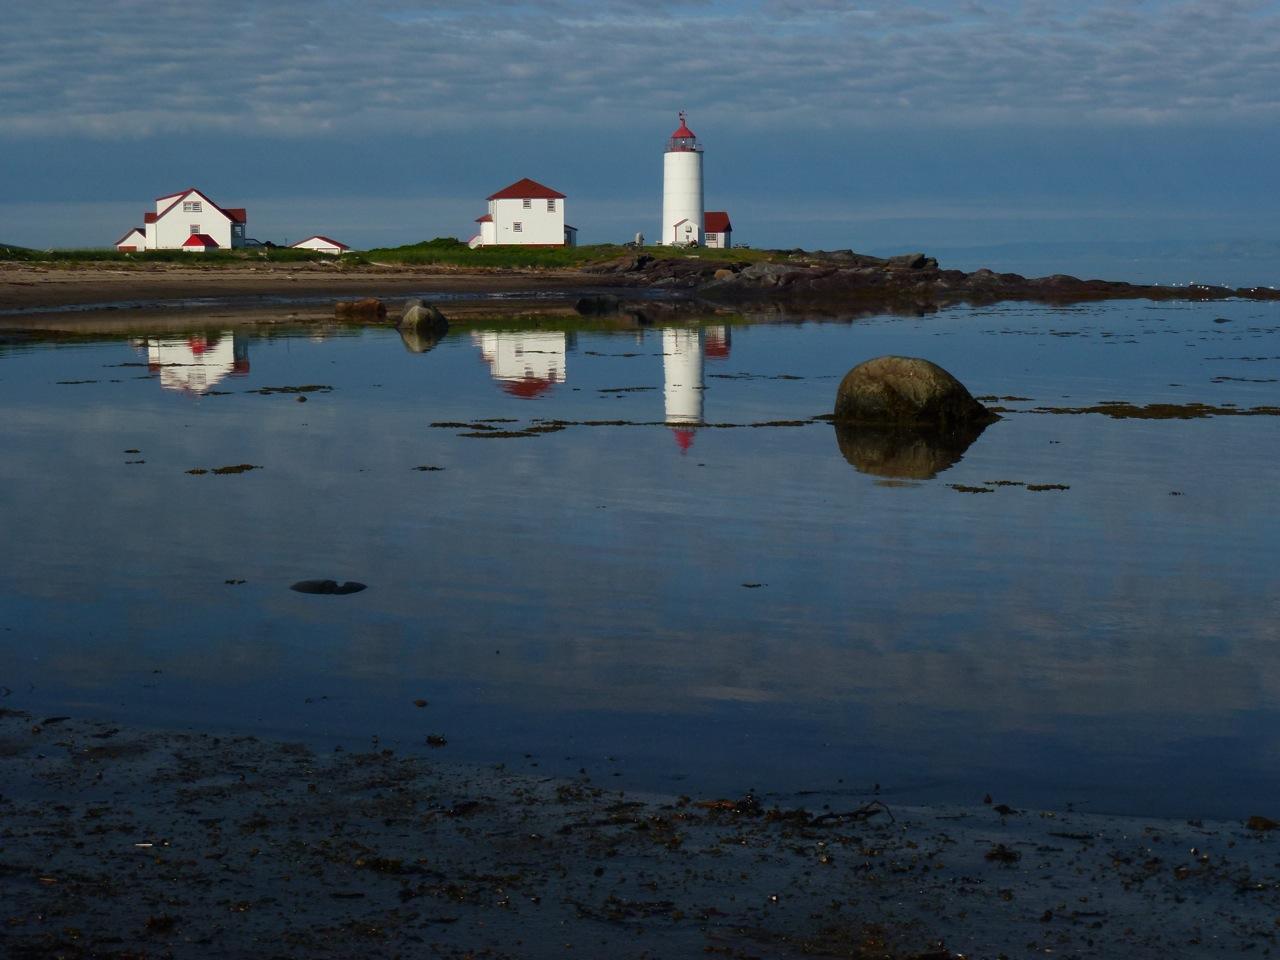 Phare de l'Île Verte (réflexion)